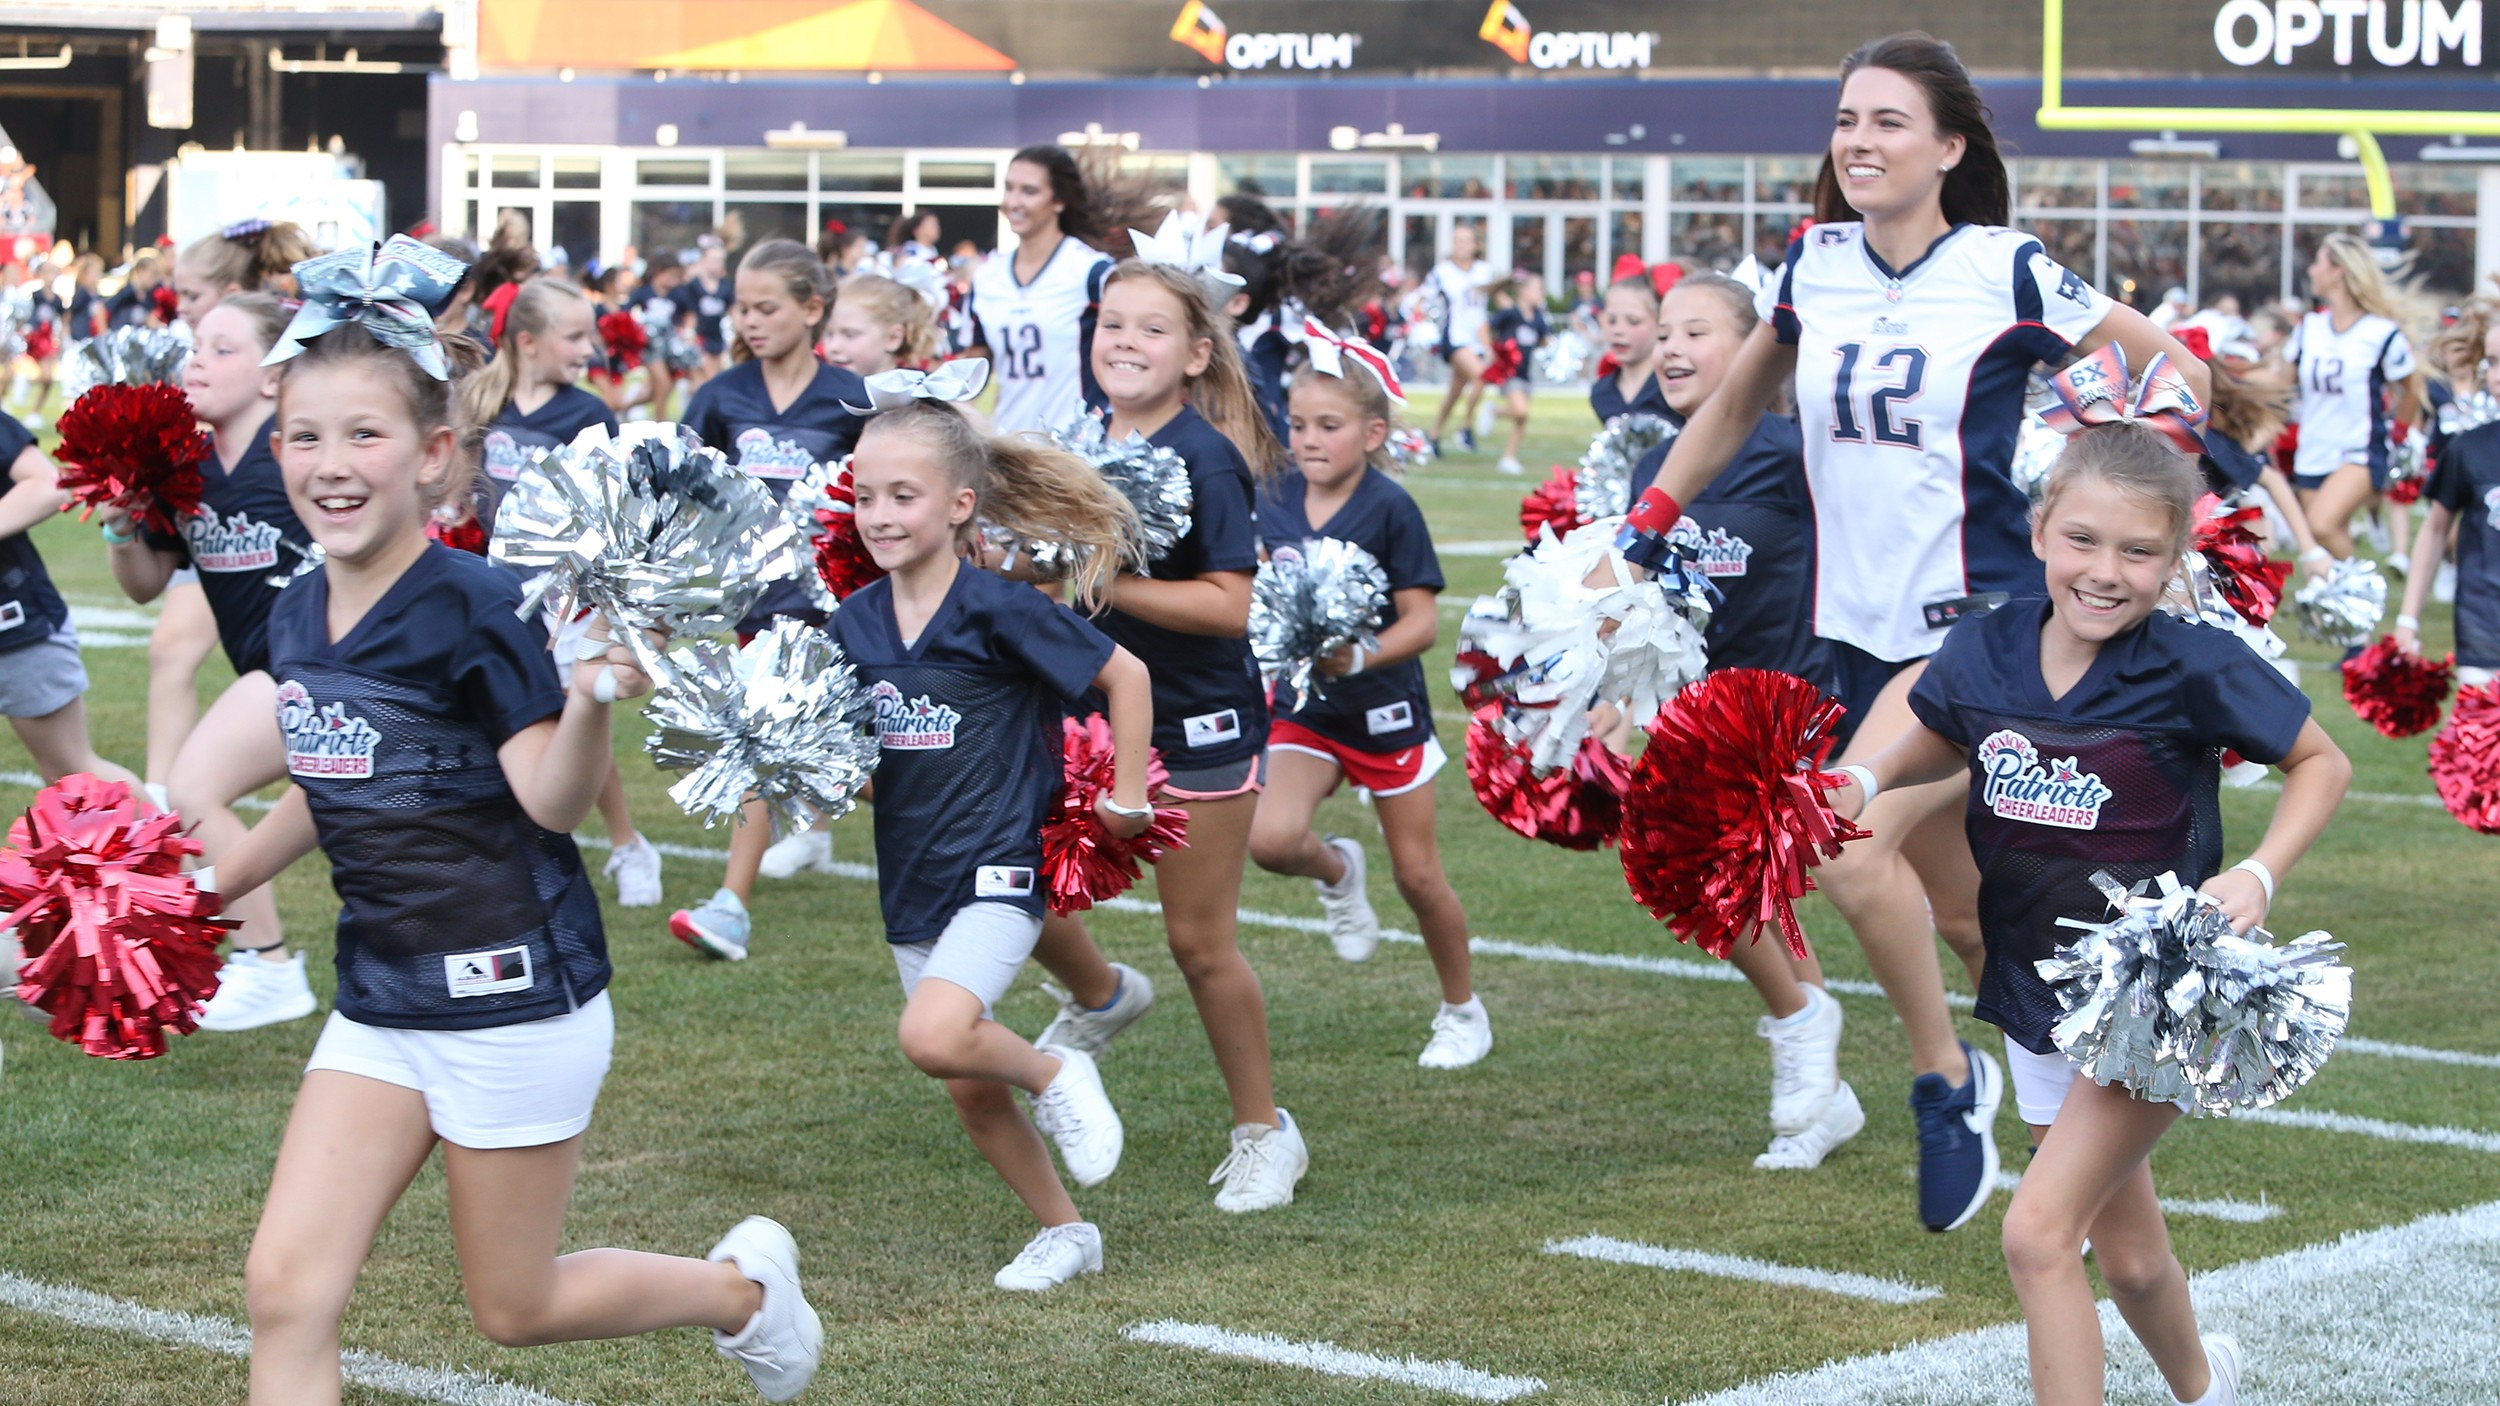 fare giocatori NFL hook up Cheerleaders